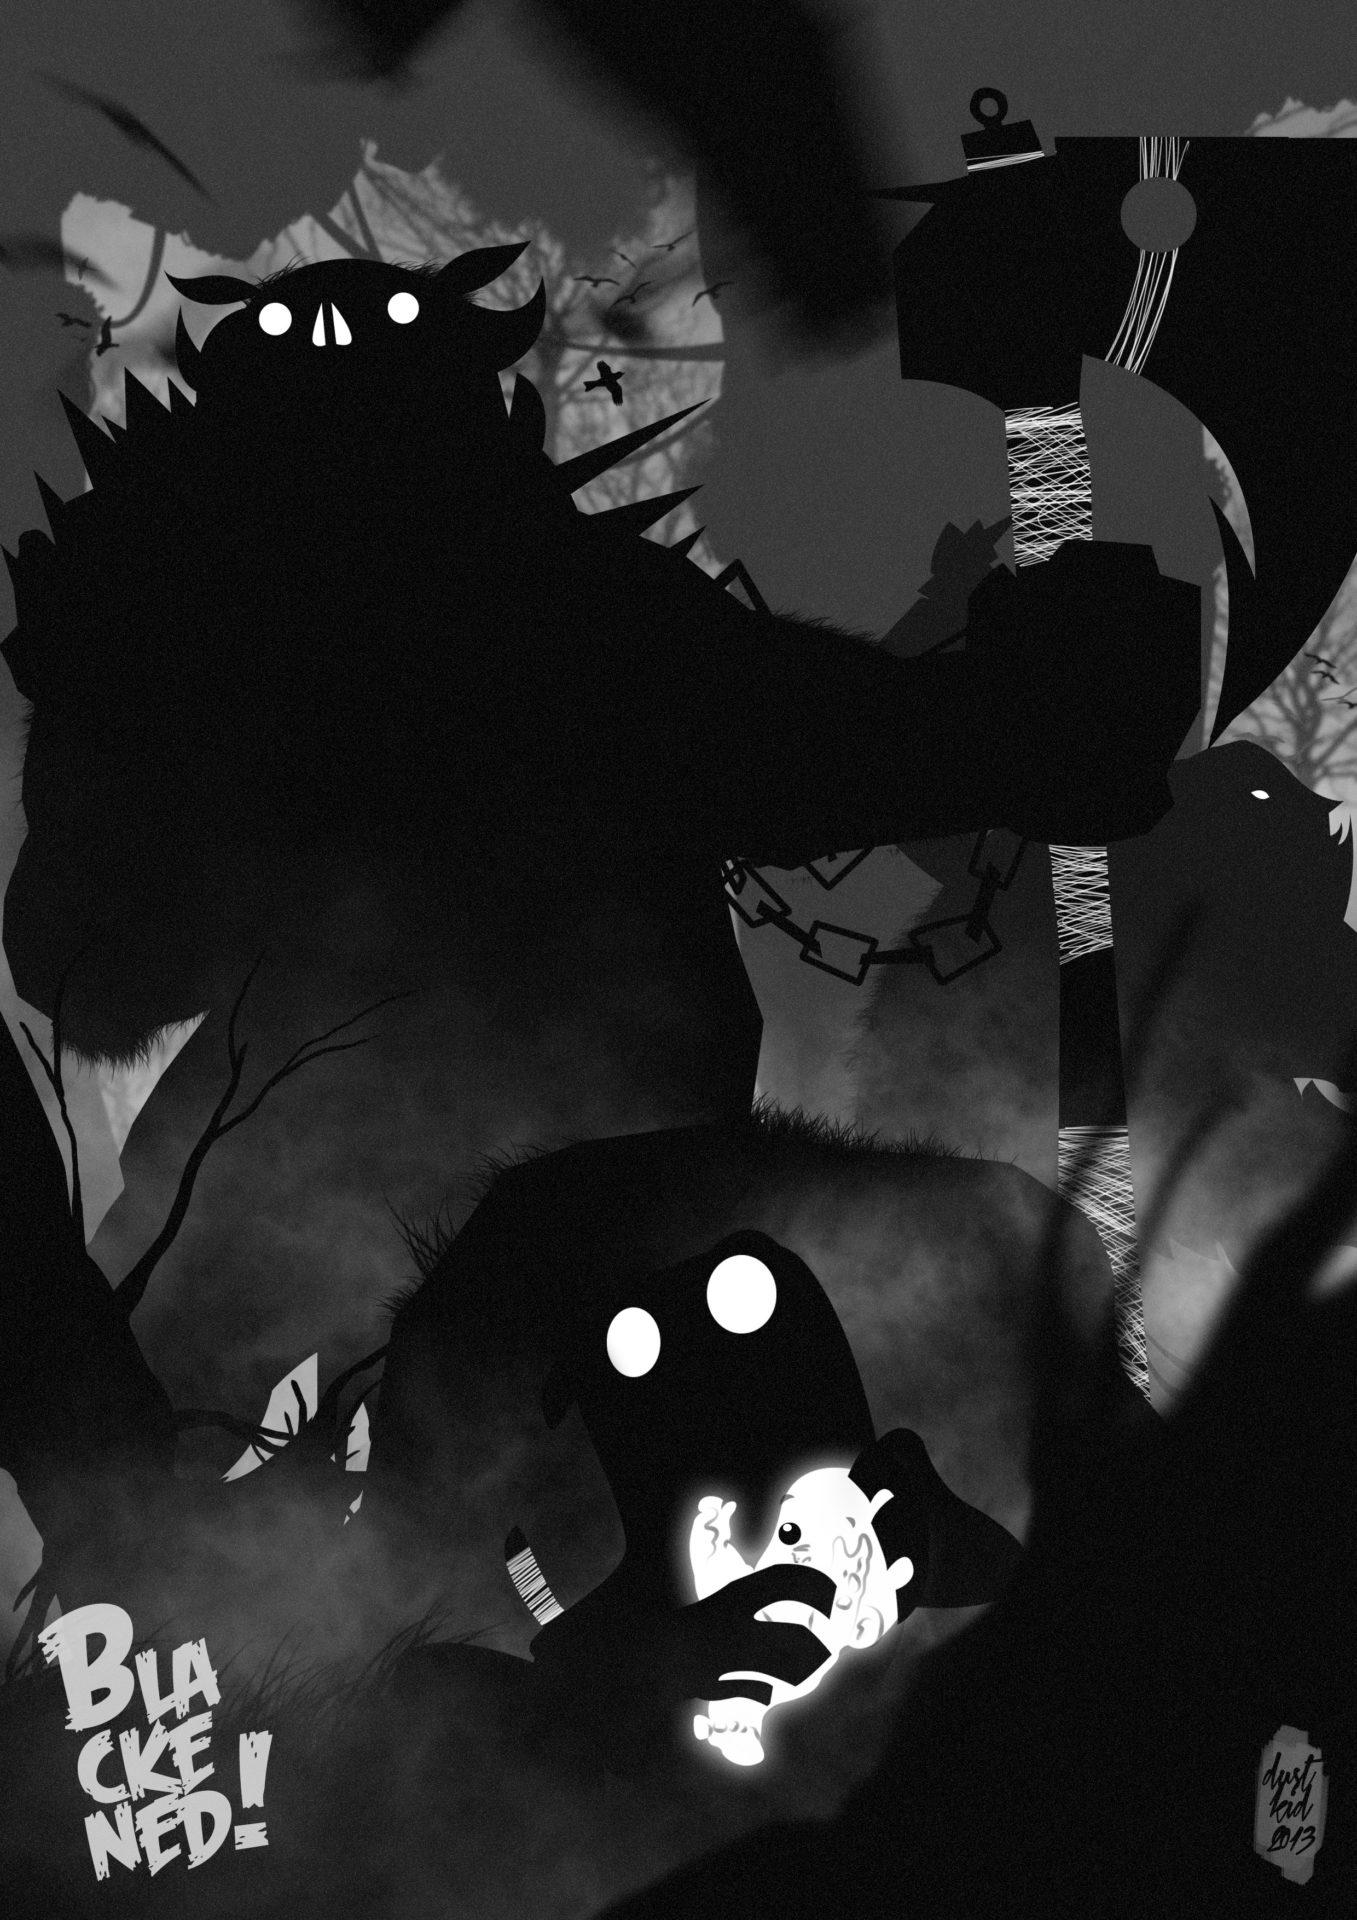 blackened6